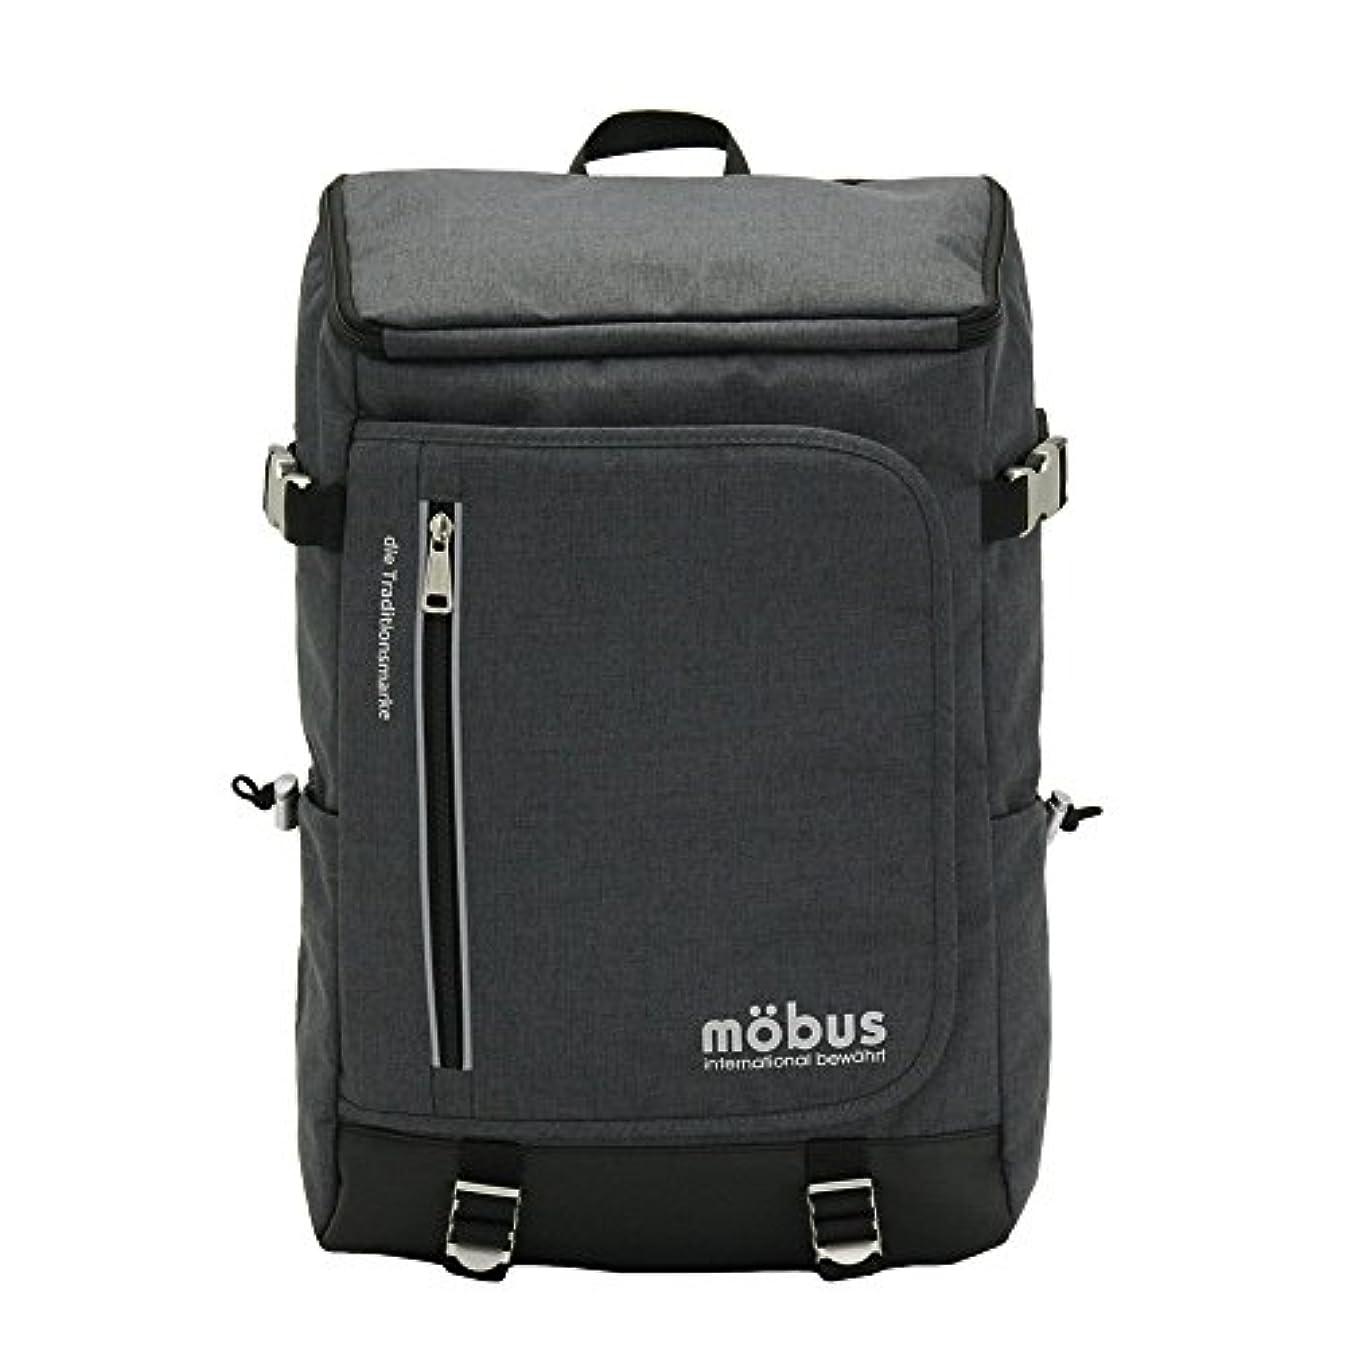 クリークピニオンの間で[モーブス]mobus リュック リュックサック デイパック スクエア BOX メンズ レディース MBH-504 mobus-054